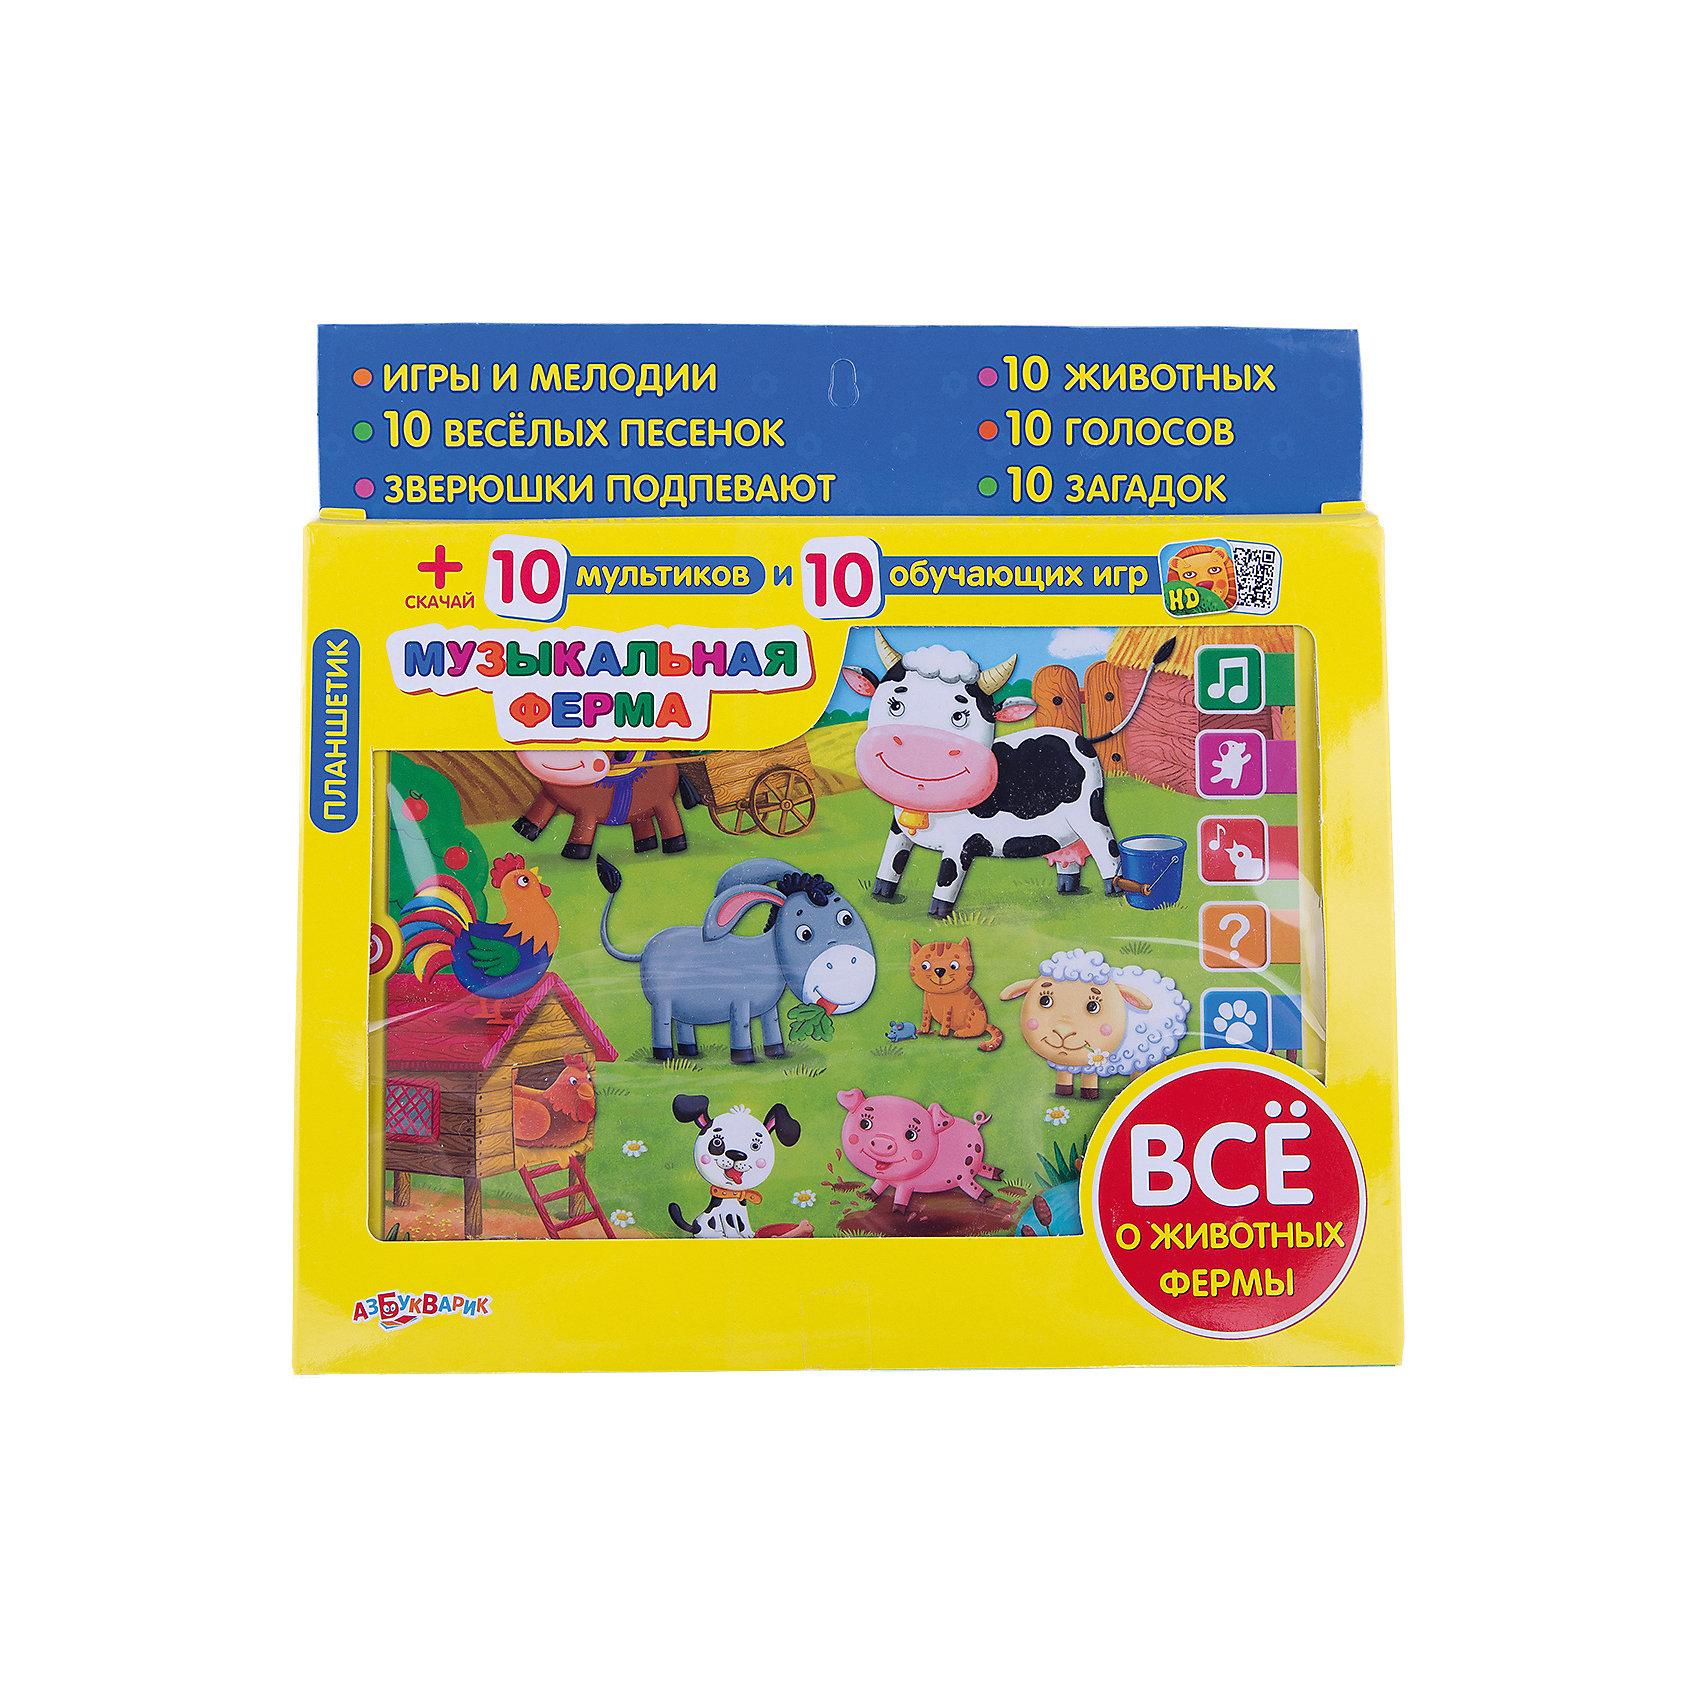 Планшетик Музыкальная фермаДетская электроника<br>Дети обожают гаджеты и электронные игрушки! Планшетик Музыкальная ферма приведет в восторг всех любителей животных. С этим ярким планшетом ваш ребенок сможет весело и с пользой проводить время. Игрушка обладает звуковыми эффектами; 10 загадок и интересные игры расскажут о животных фермы и помогут развить мышление ребенка, а любимые песенки сделают игру еще увлекательнее. <br>Простое и понятное управление, яркий дизайн и множество функций надолго увлекут детей.  <br>Планшетик Музыкальная ферма- прекрасный подарок на любой праздник!<br><br>Дополнительная информация:<br><br>- Материал: пластик. <br>- Размер: 30х19 см. <br>- Элемент питания: 3 ААА батарейки (в комплекте).<br>- Регулировка громкости.<br>- 10 животных. <br>- 10 загадок.<br>- 10 голосов. <br>- Песенки зверят.<br>- Забавные мелодии. <br>- Игра Чей голос. <br>- Игра Загадки. <br><br>Планшетик Музыкальная ферма можно купить в нашем магазине.<br><br>Ширина мм: 19<br>Глубина мм: 30<br>Высота мм: 19<br>Вес г: 250<br>Возраст от месяцев: 24<br>Возраст до месяцев: 48<br>Пол: Унисекс<br>Возраст: Детский<br>SKU: 4951734